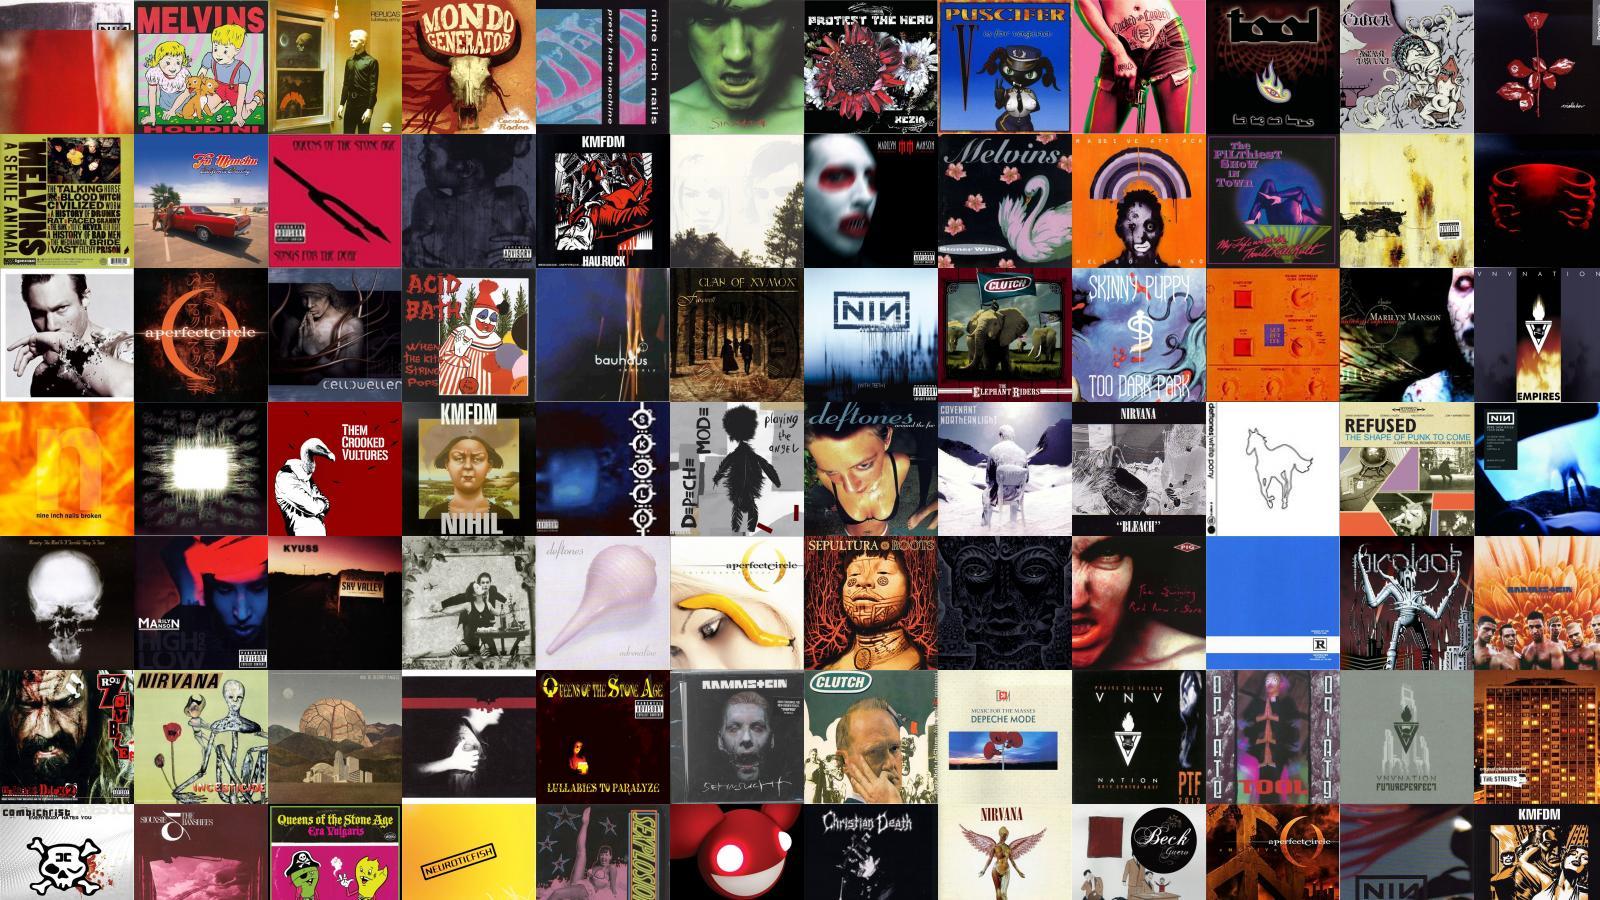 Nine Inch Nails The Fragile Melvins Houdini Gary Wallpaper « Tiled ...